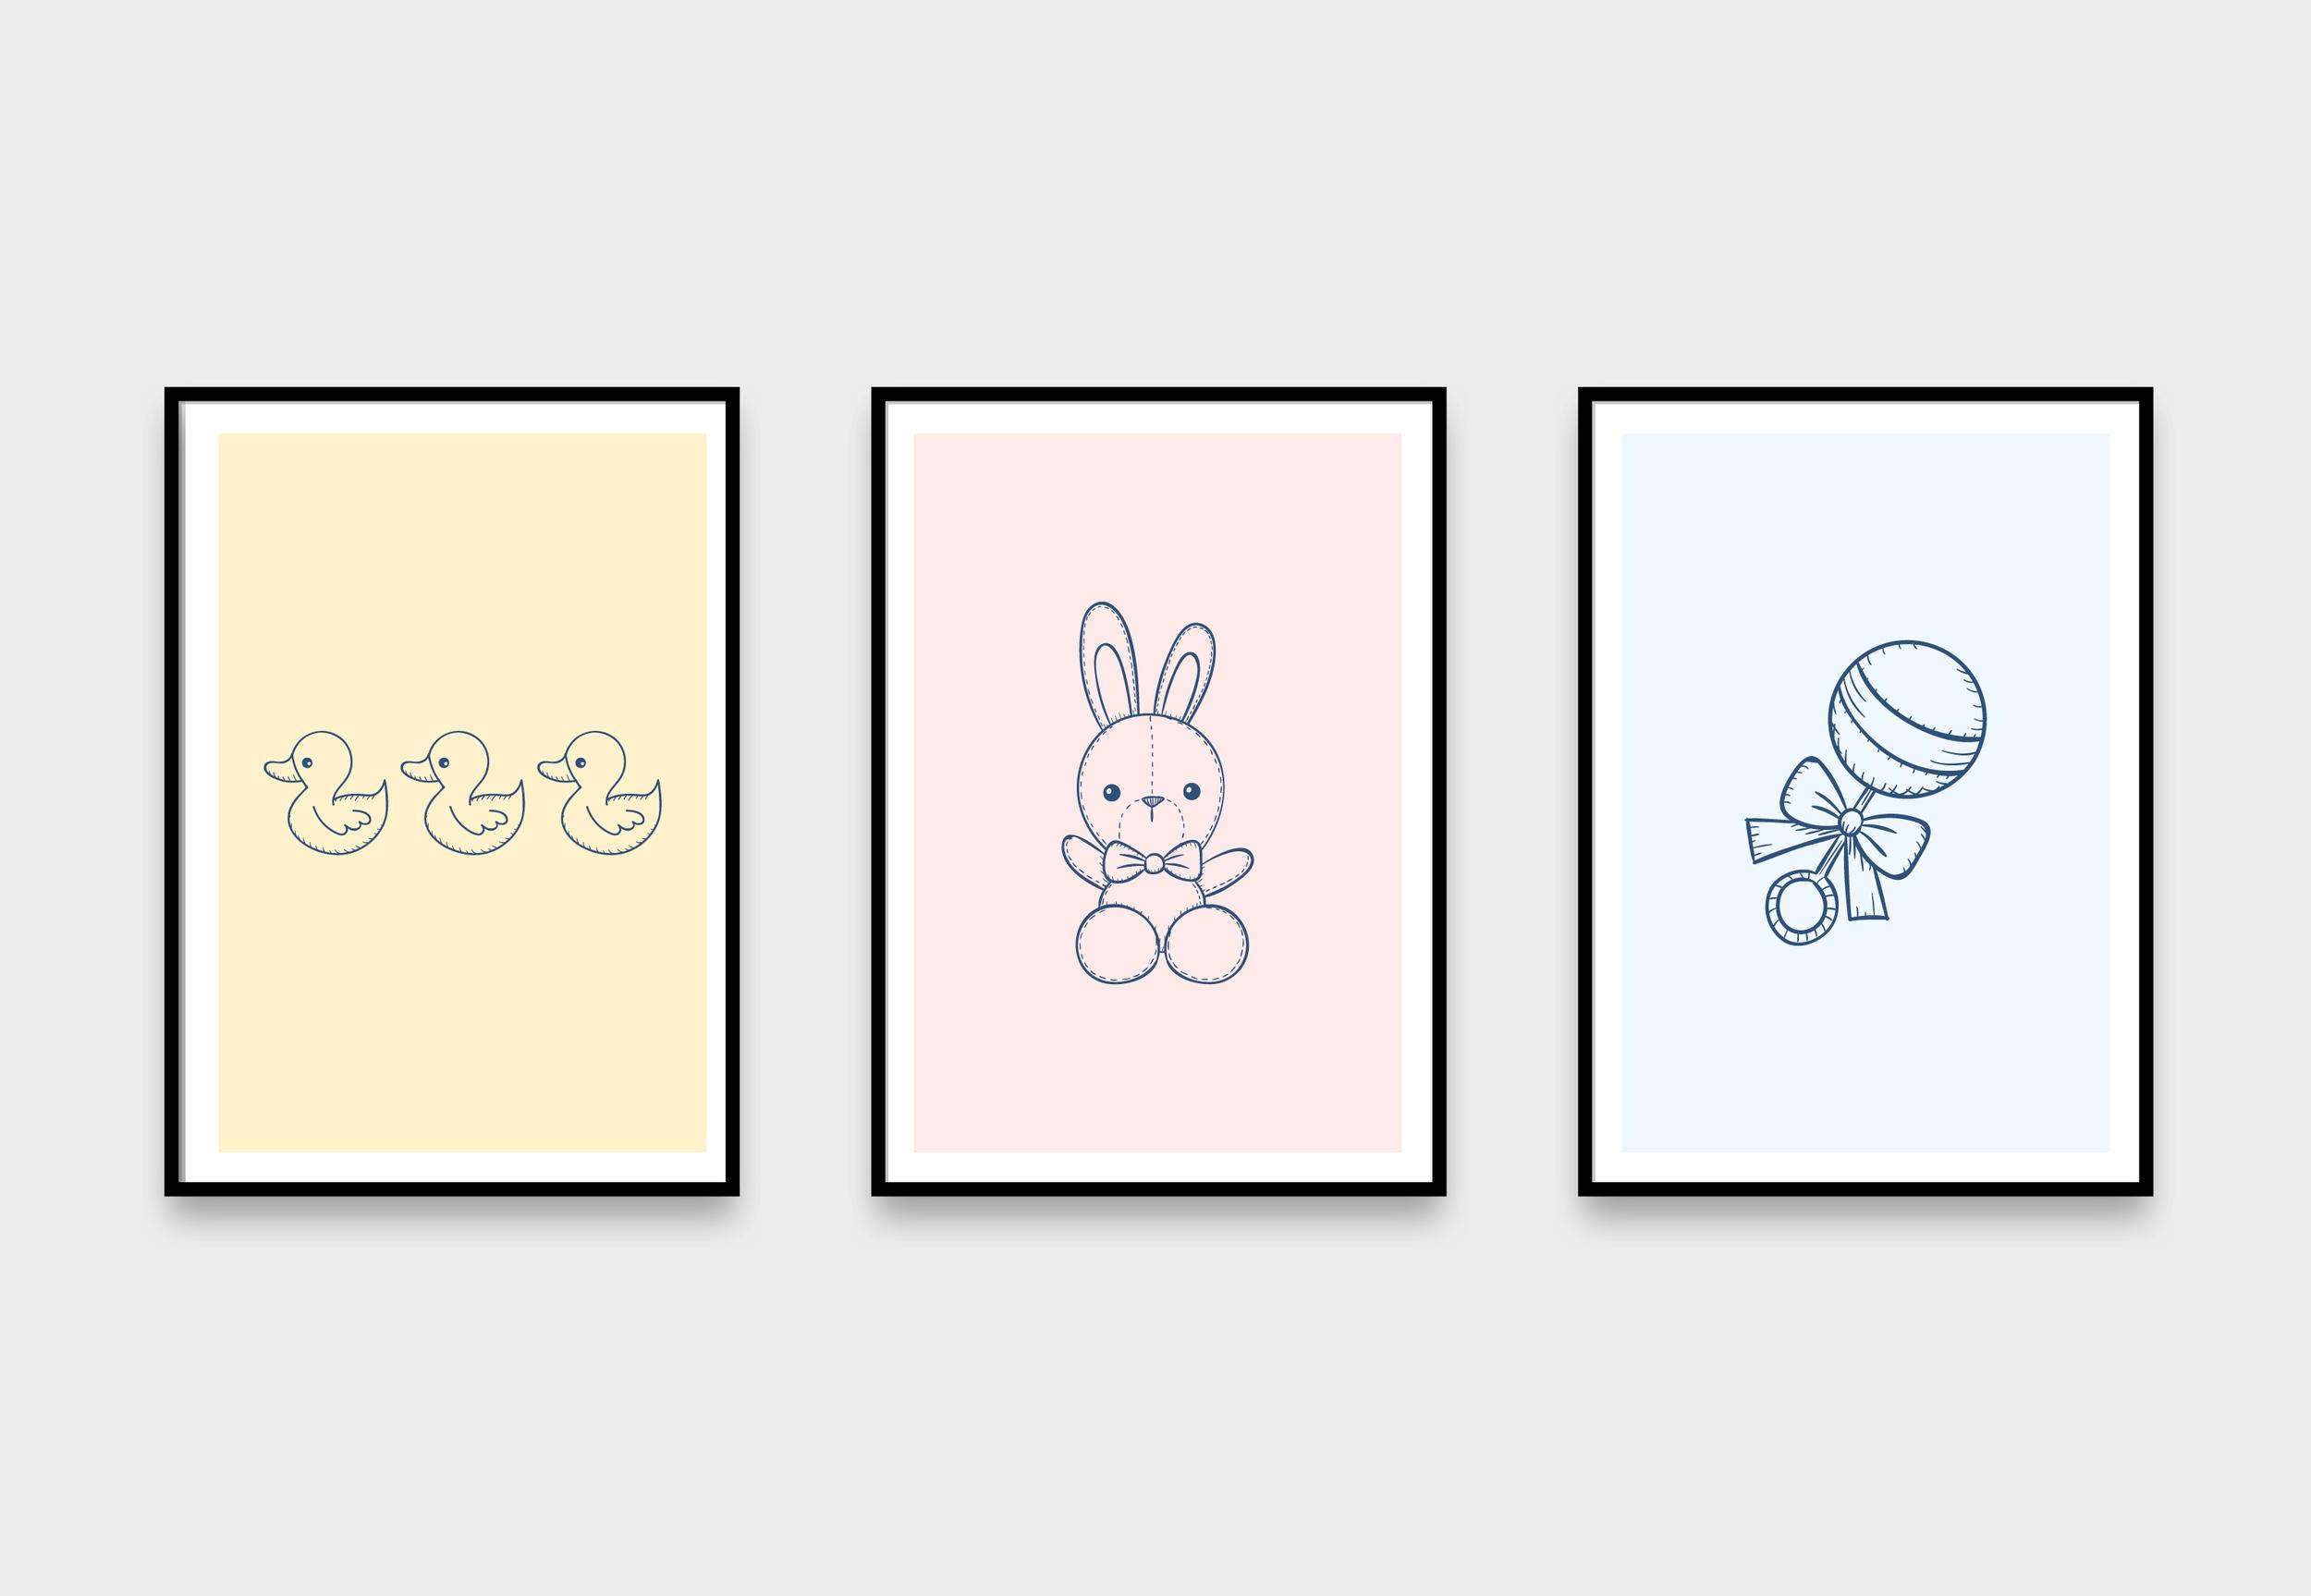 Baby Cute - Cómpralos individuales o en grupo